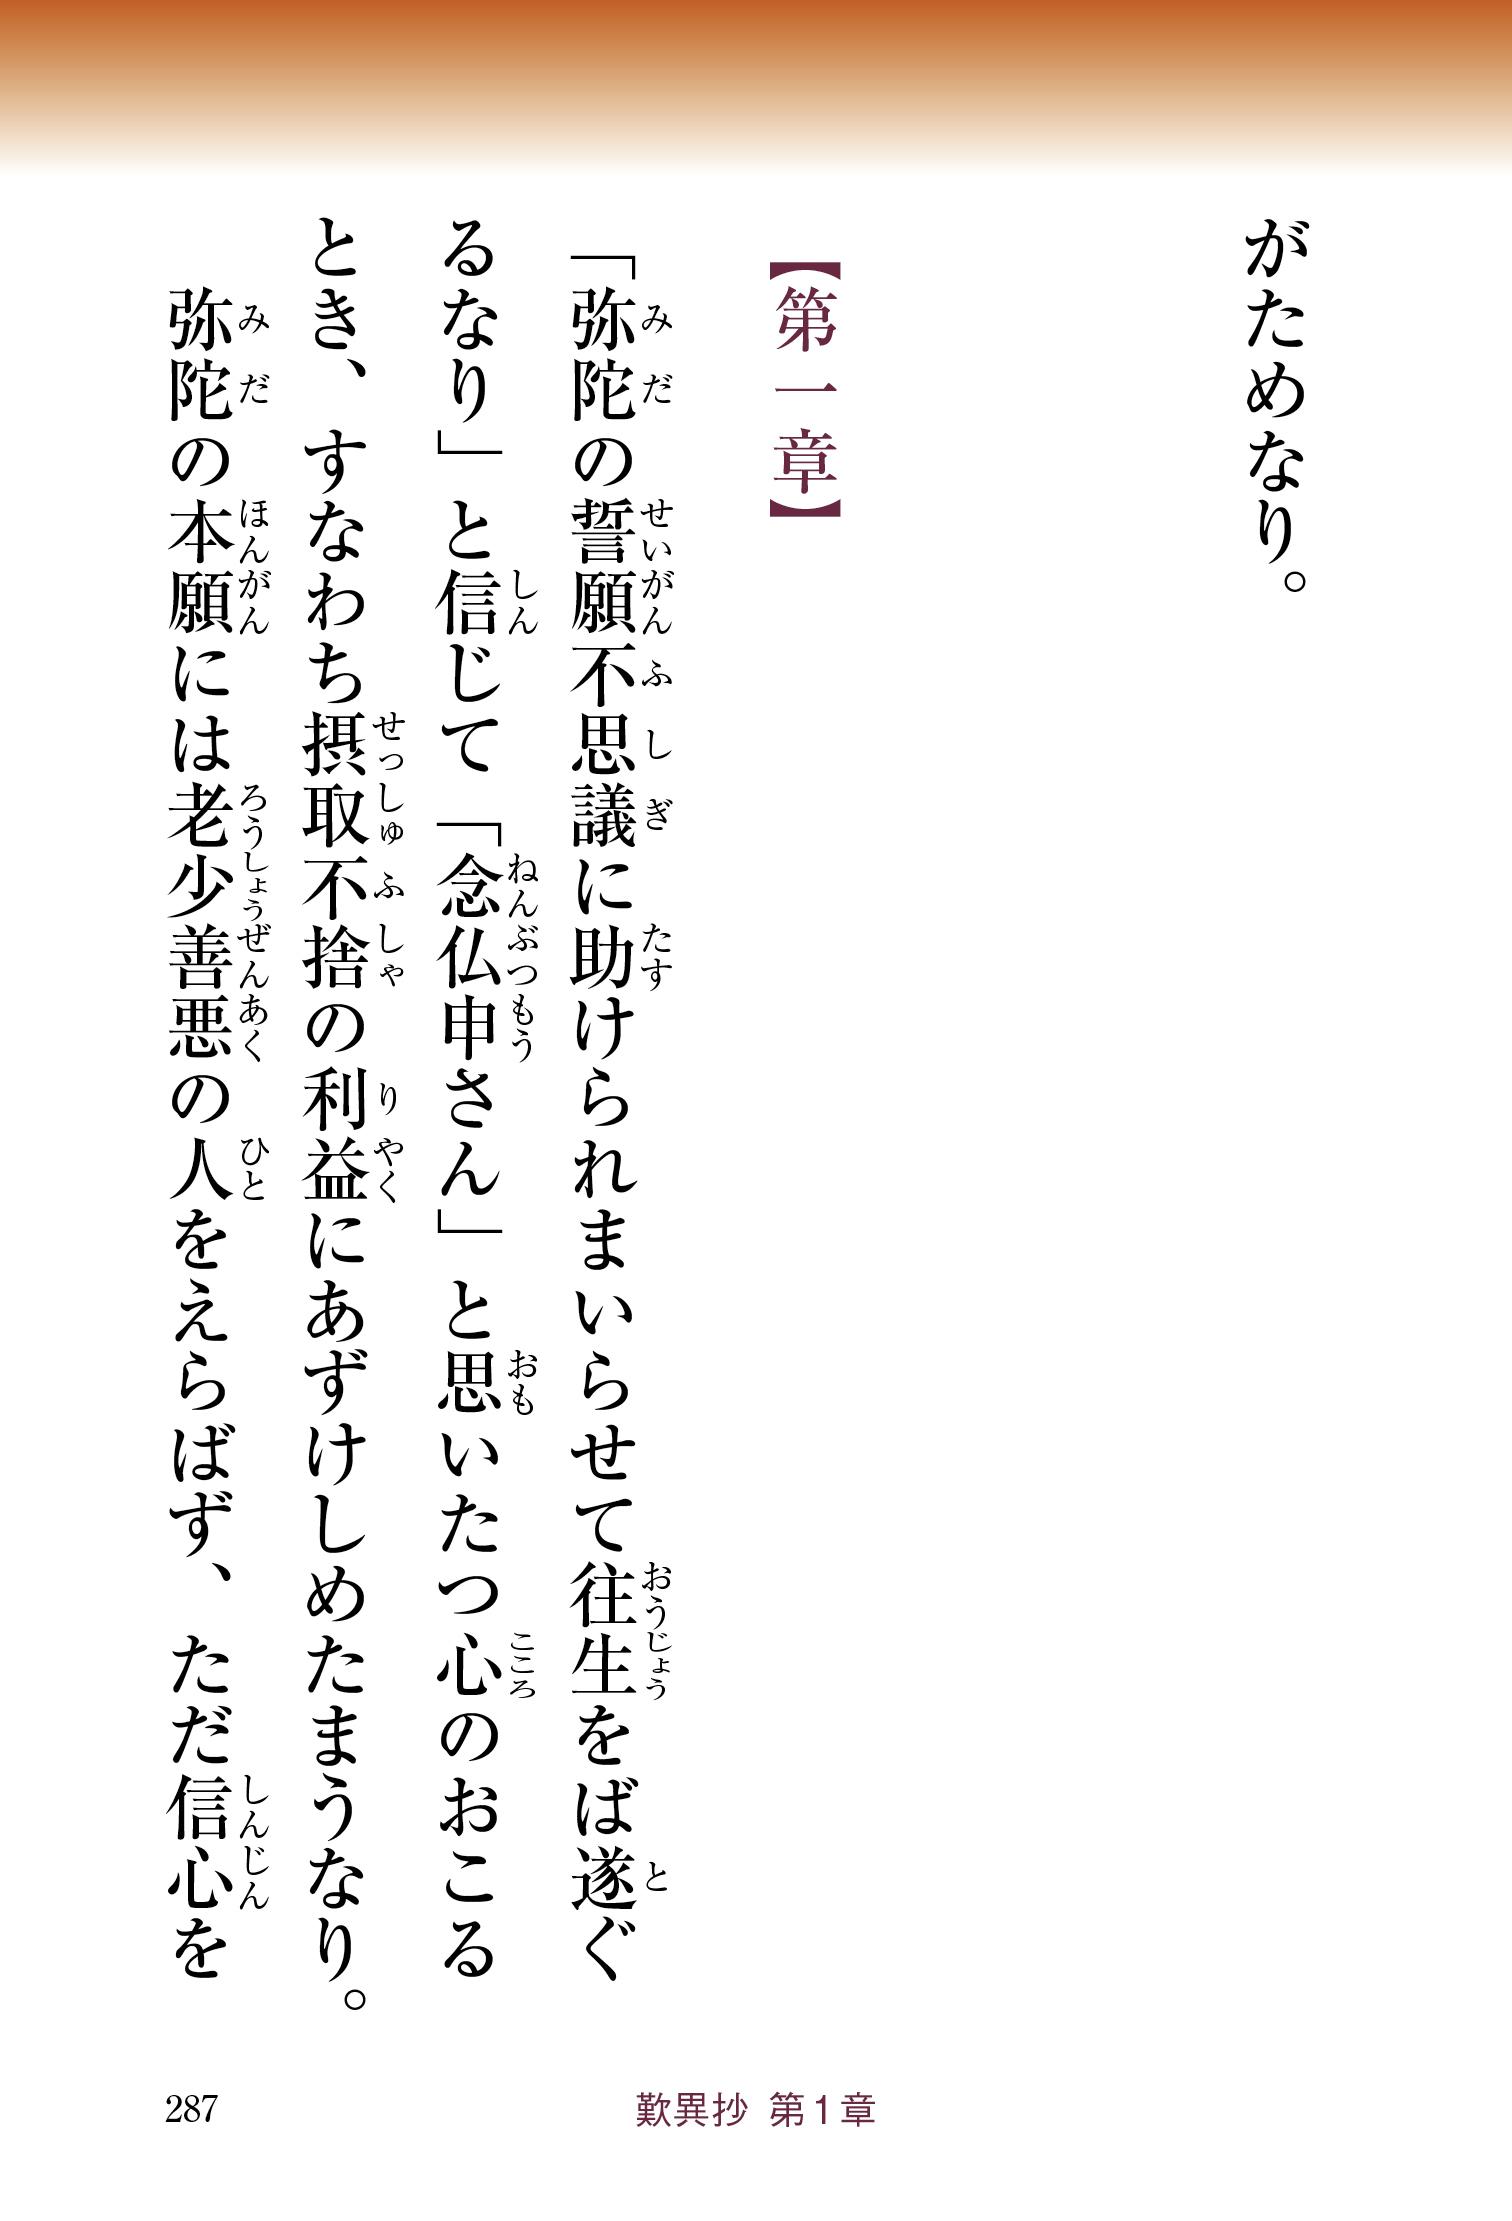 『歎異抄をひらく』を試し読みの画像6